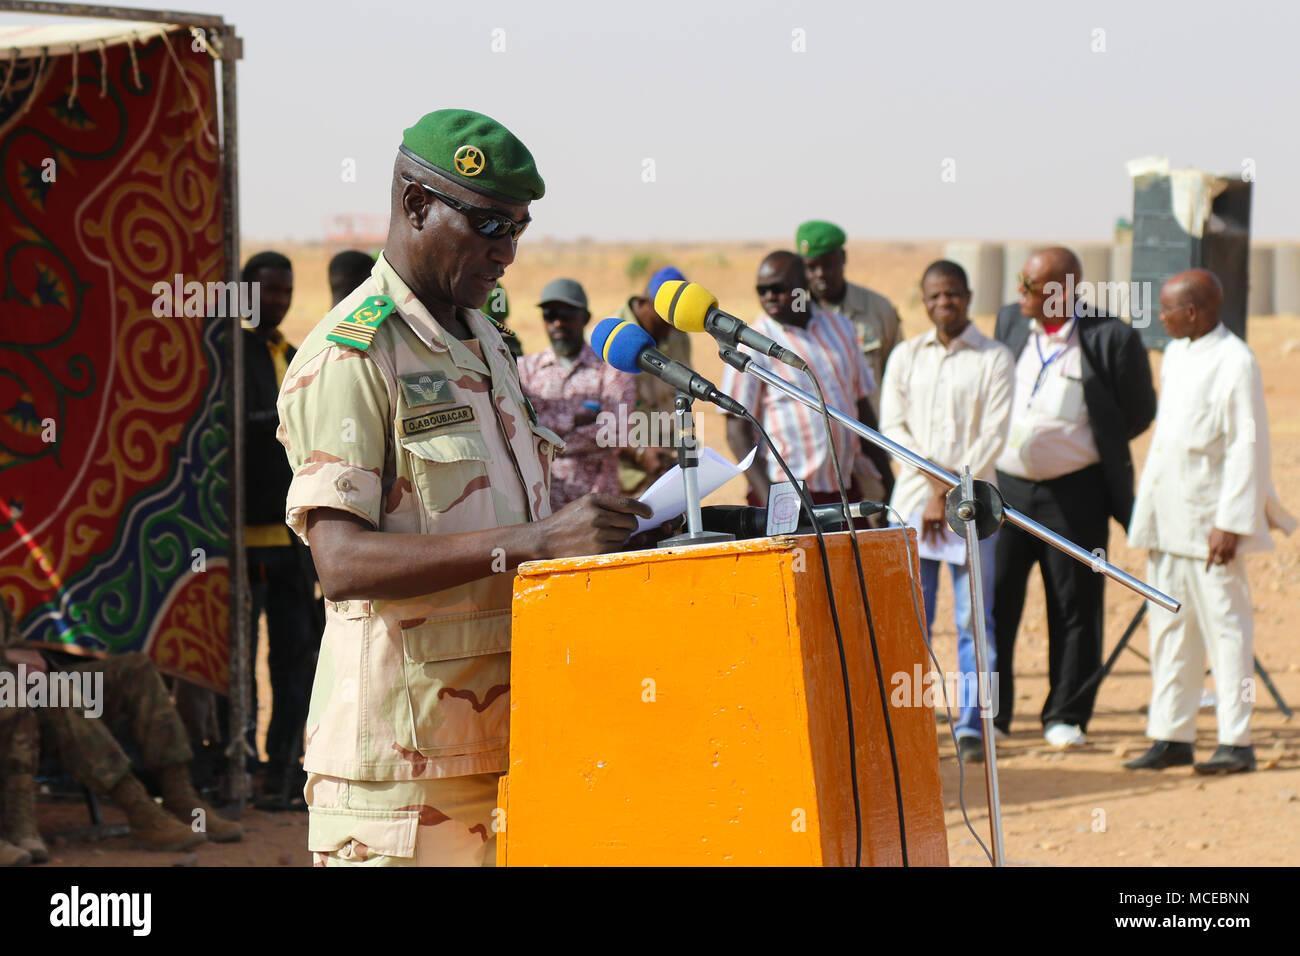 Oberst Oumarou Aboubacar, Kommandant der Zone, Forces Armees Nigeriennes spricht bei der Eröffnung der Musketen 2018 in Agadez, Niger am 11. April, 2018. Rund 1.900 Service Mitglieder von mehr als 20 afrikanischen und westlichen Partner Nationen beteiligen sich an Musketen 2018 an mehreren Standorten in Niger, Burkina Faso und Senegal. Stockbild